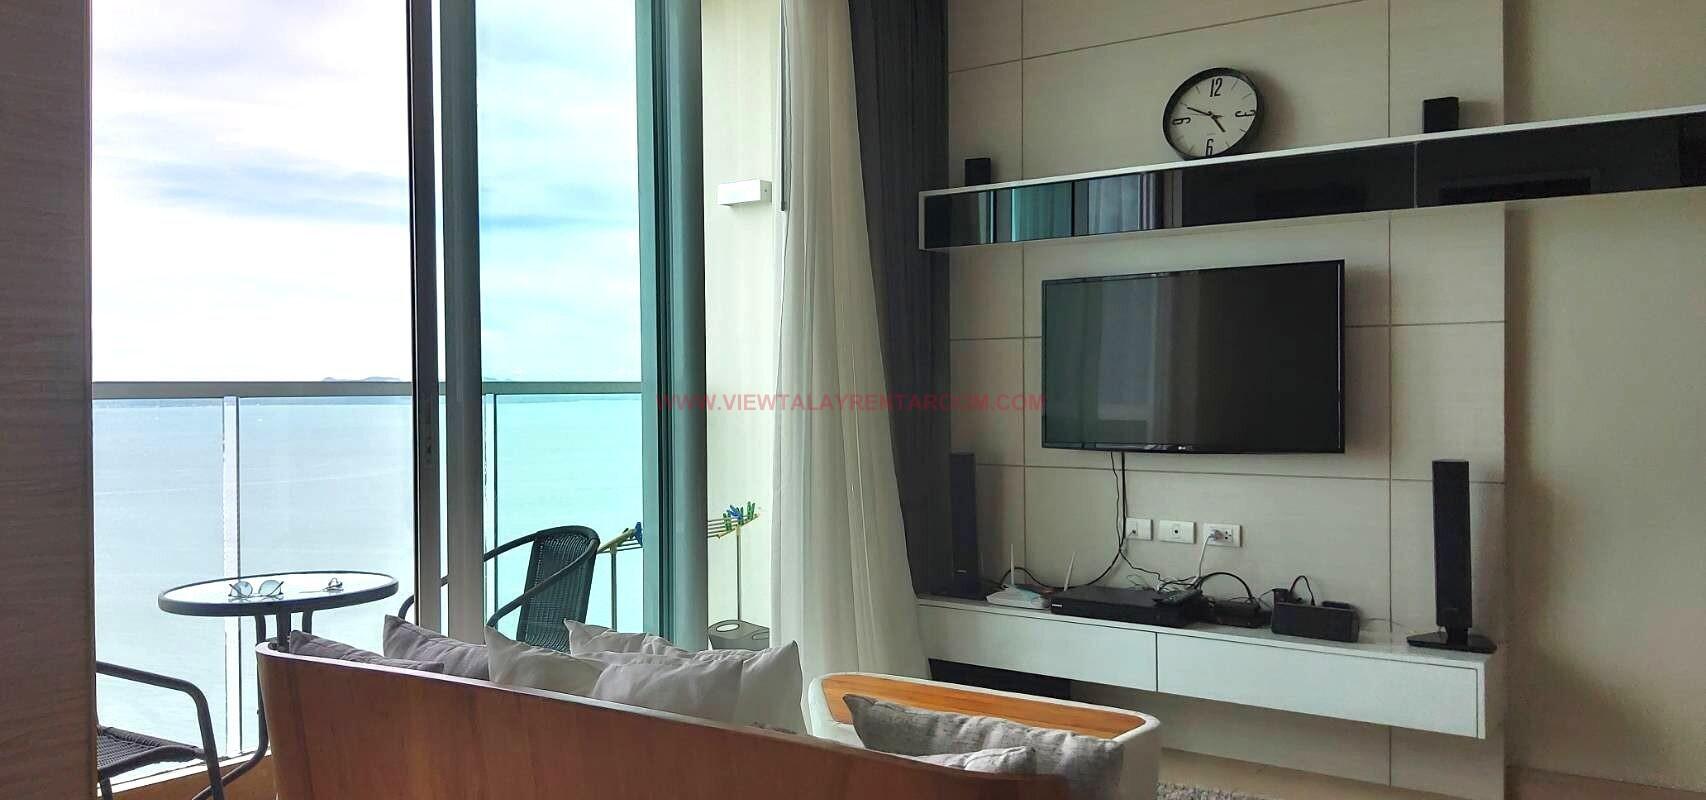 ID104 : Cetus Beachfront Condominium (ซีตัส บีชฟร้อนท์ พัทยา).